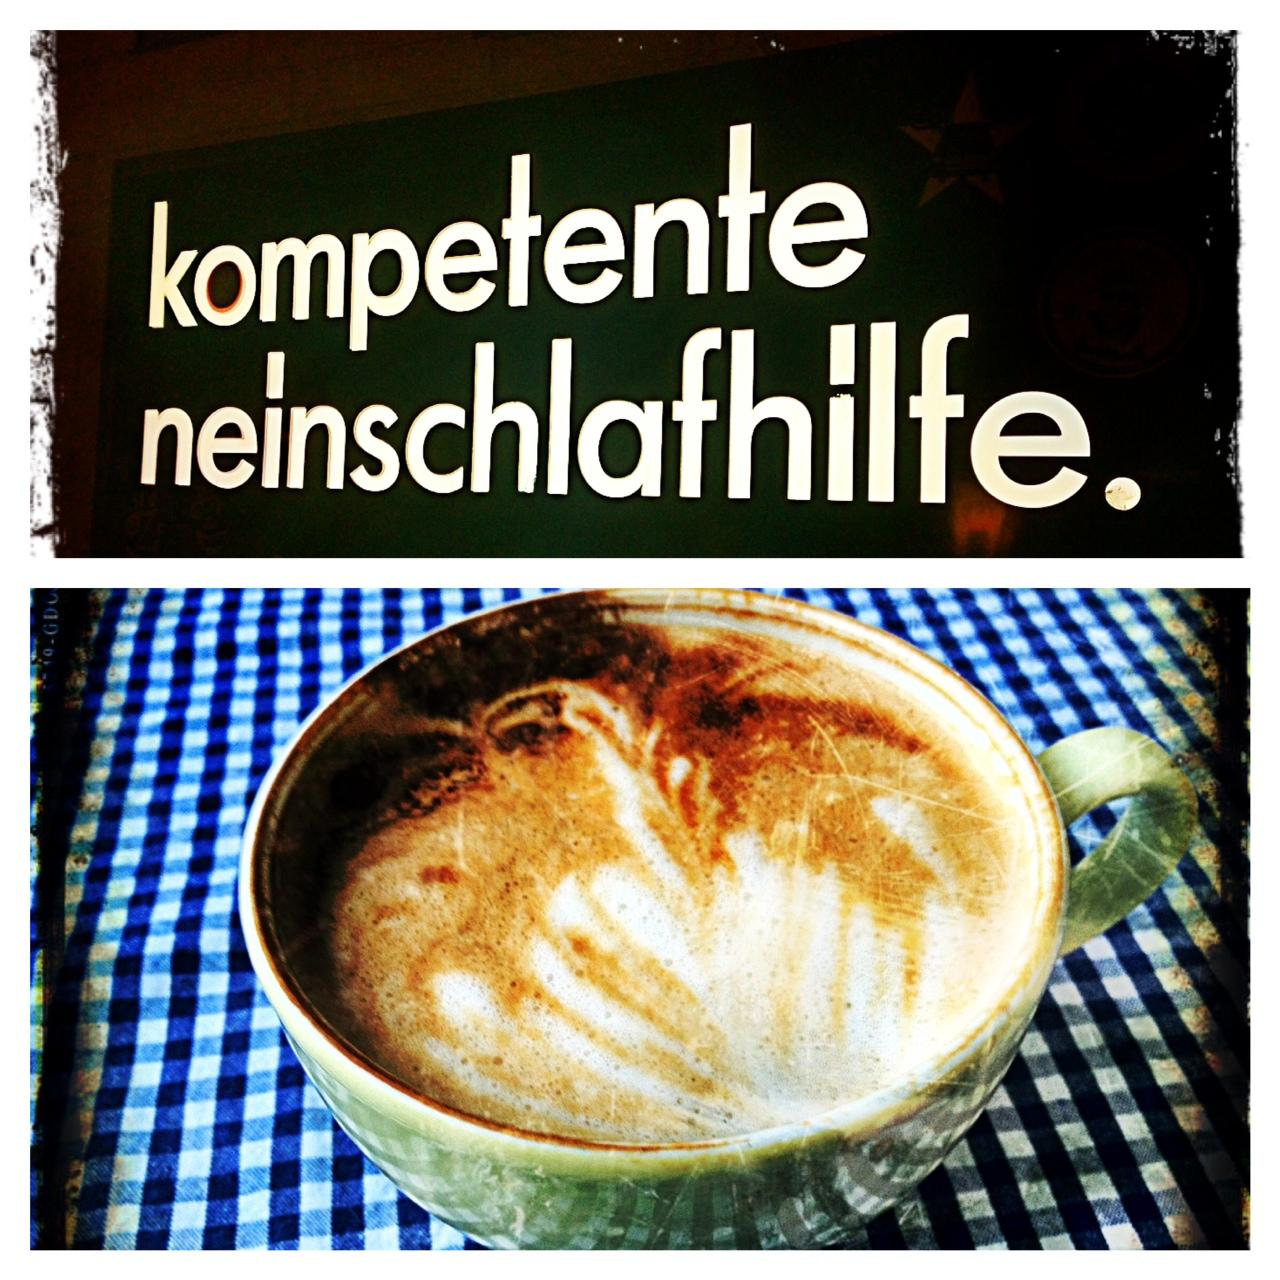 Cappuccino by Igor